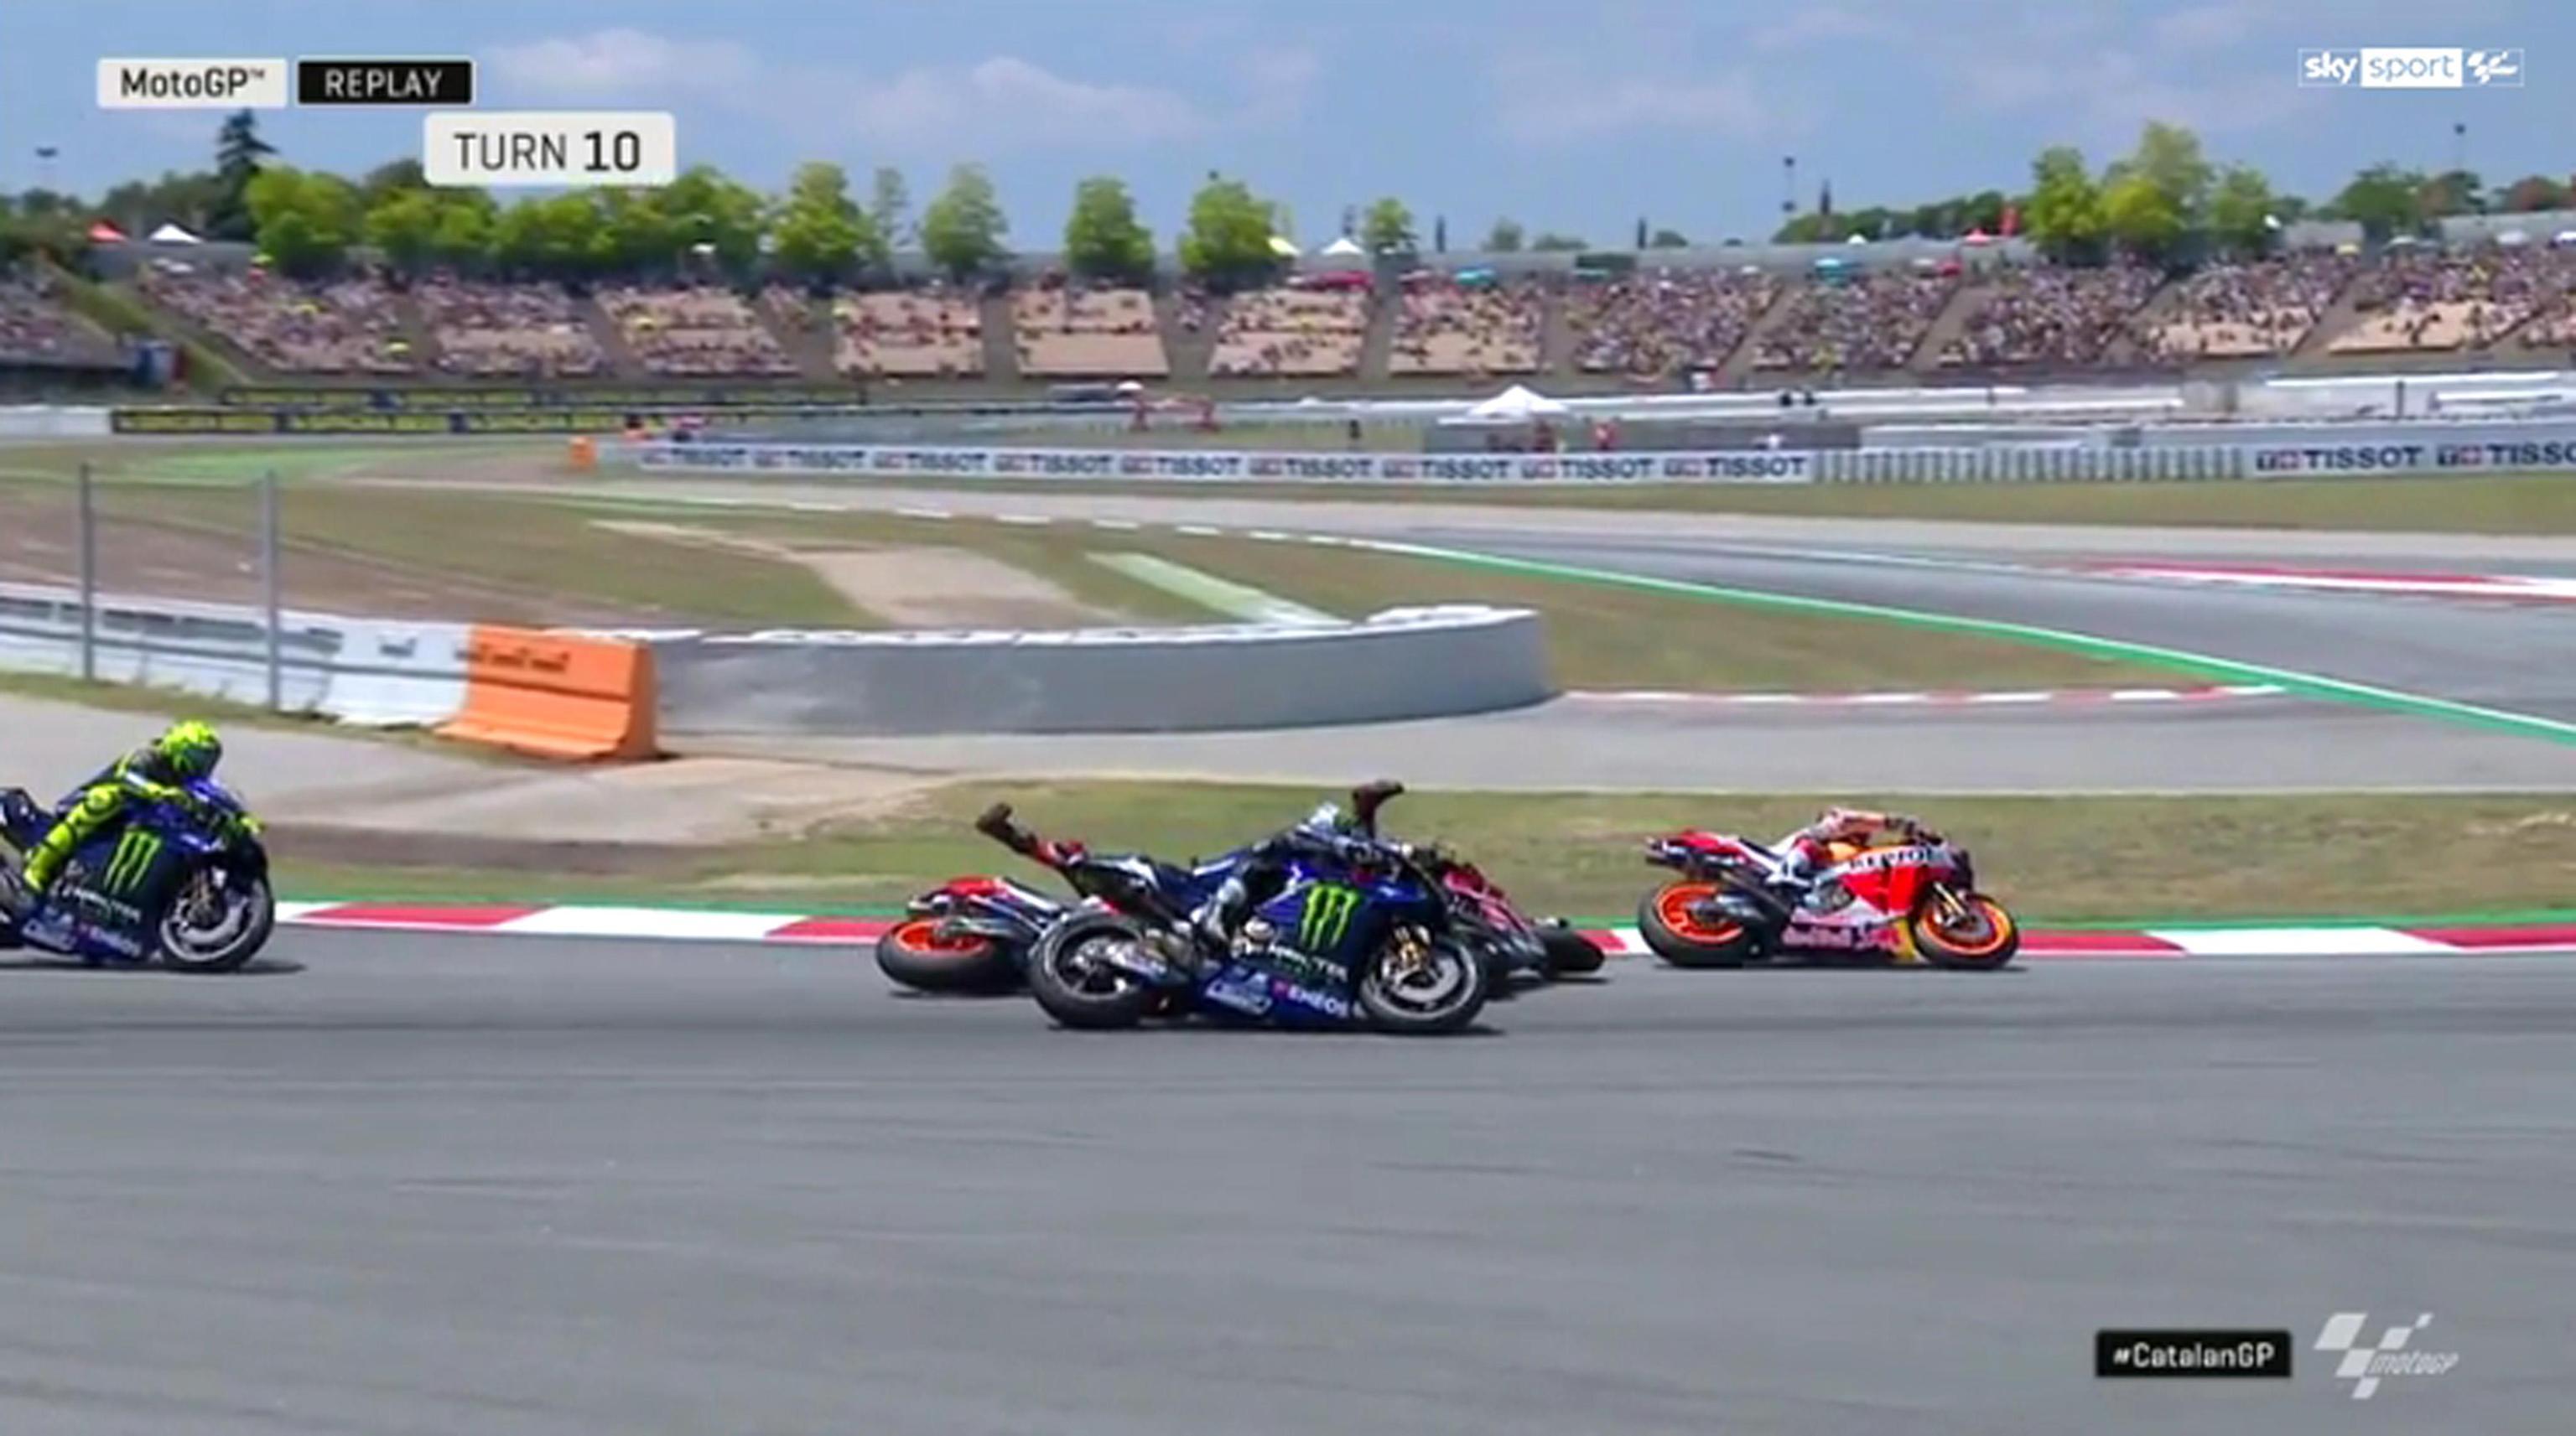 MotoGP, Lorenzo stende Rossi e Dovizioso: le foto